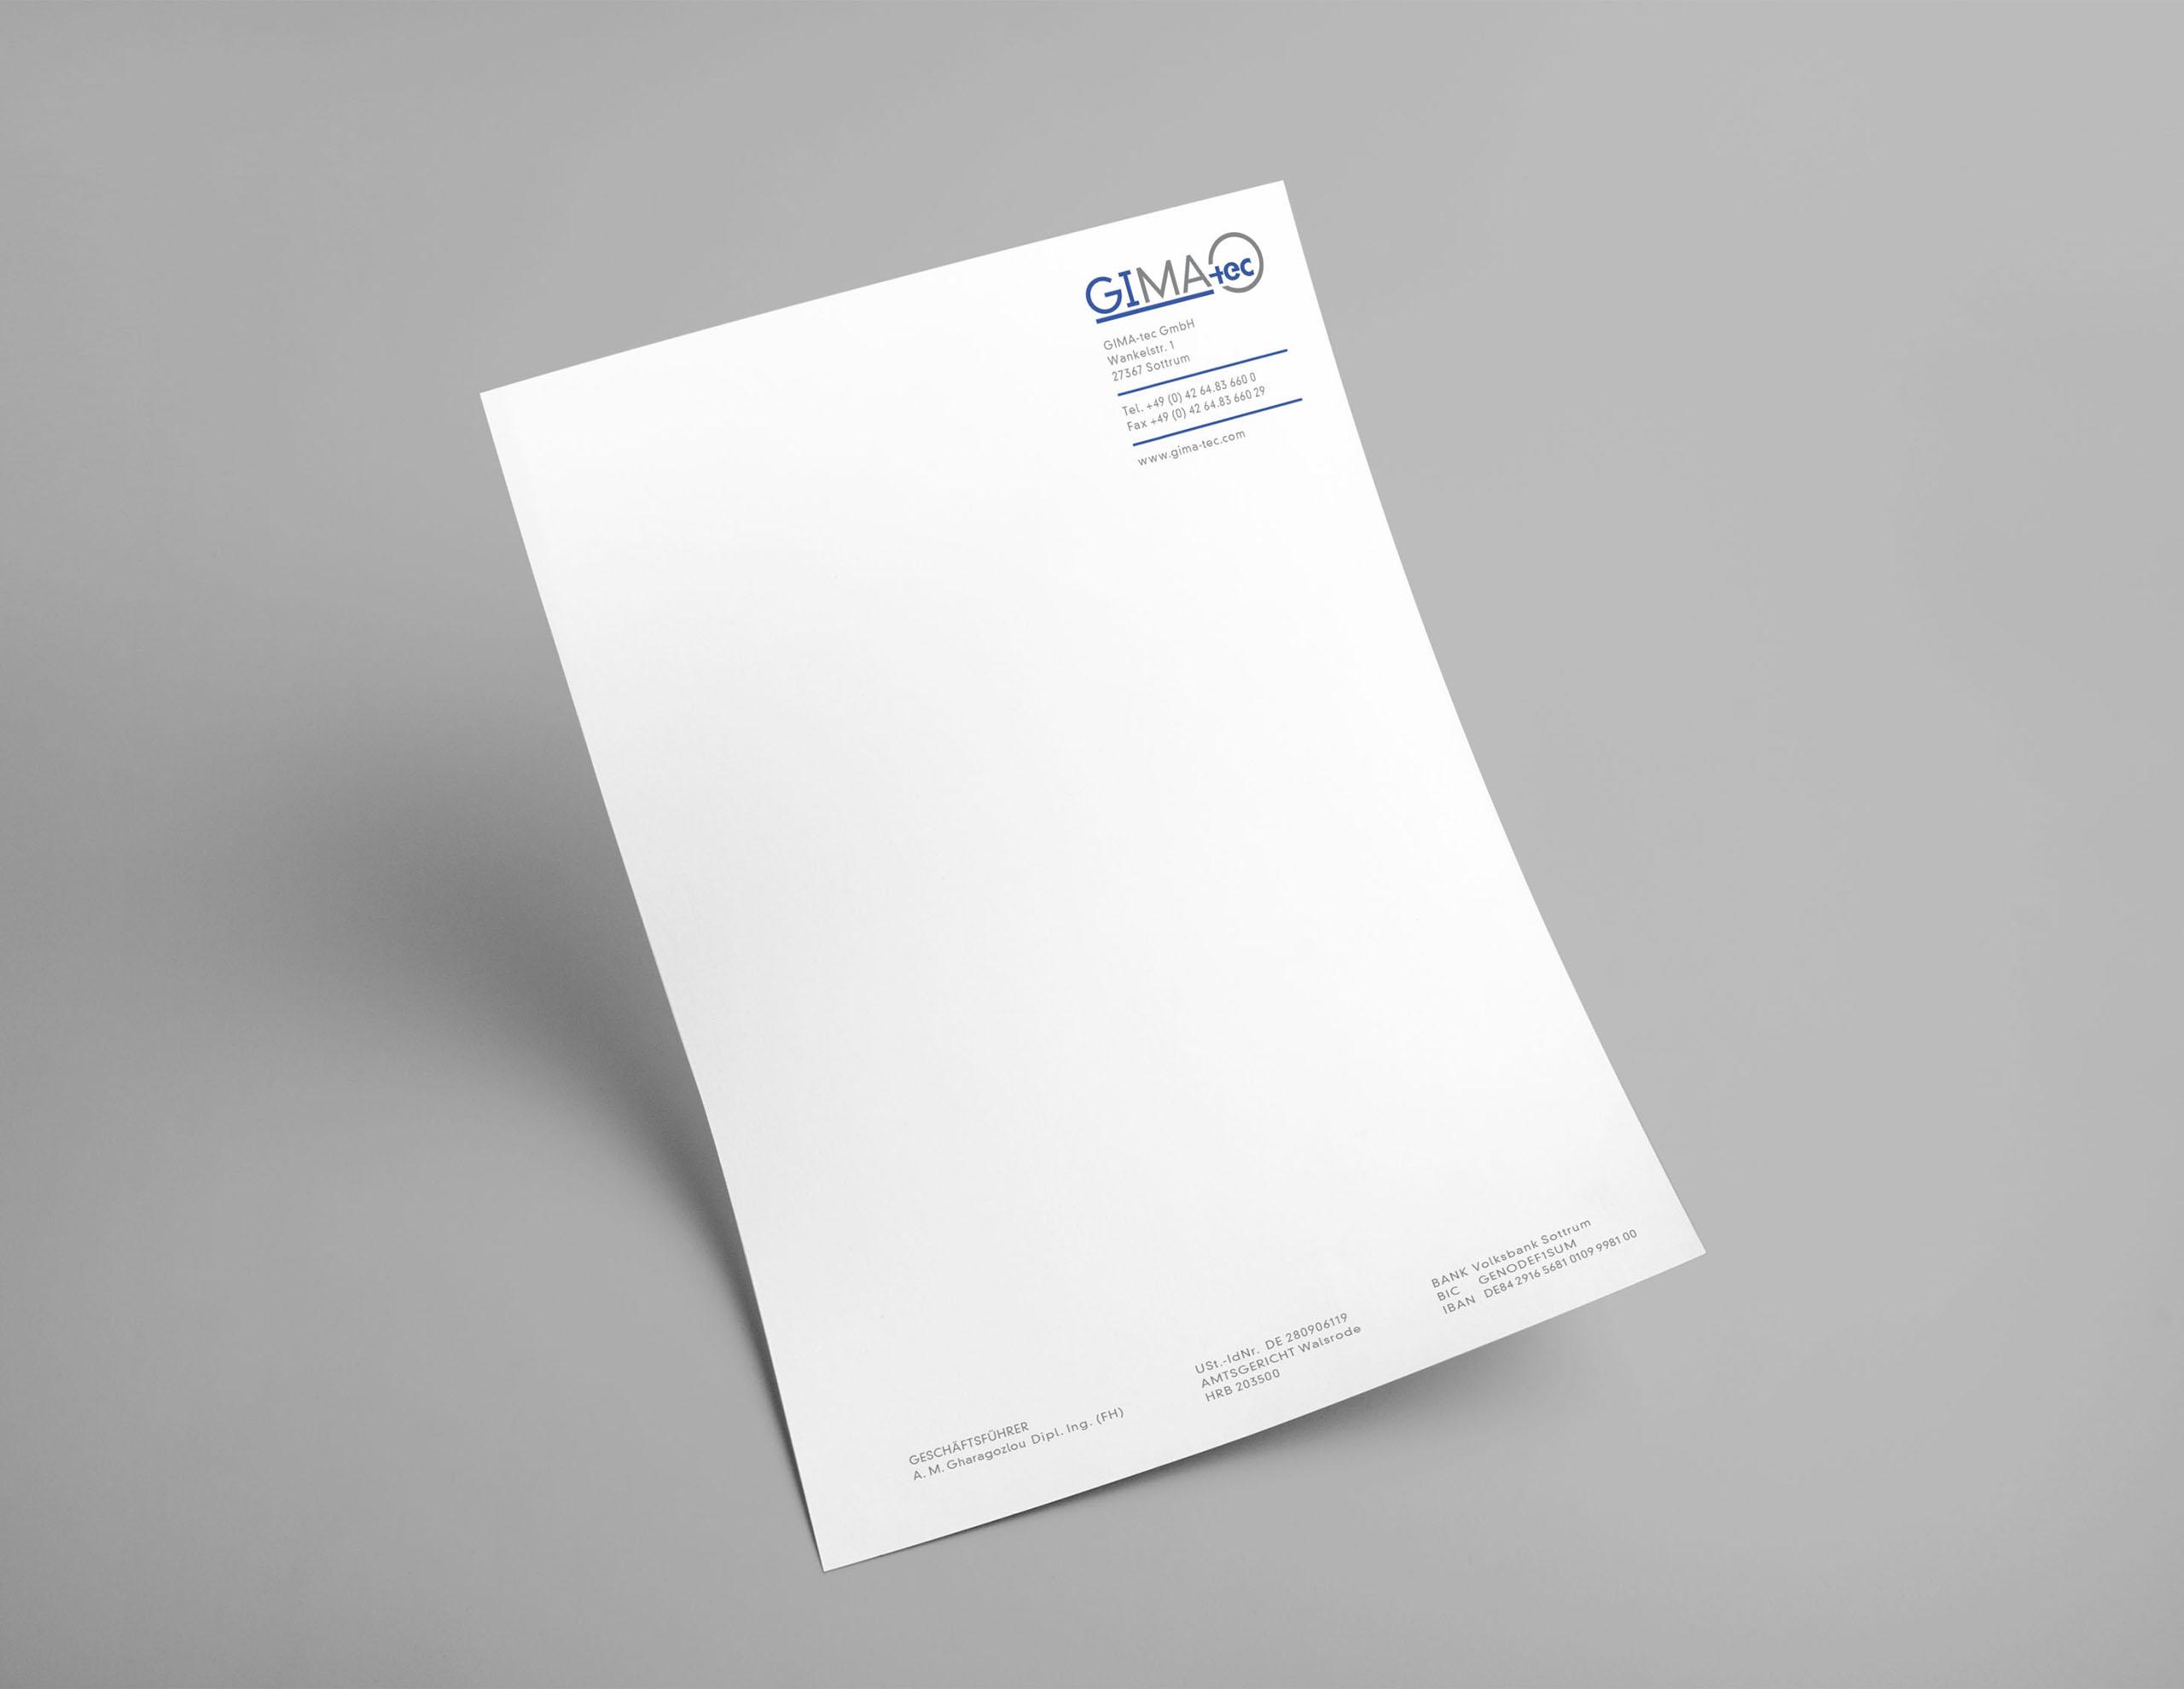 191203_GIMA-tec_A4 Paper PSD MockUp_2560x1920